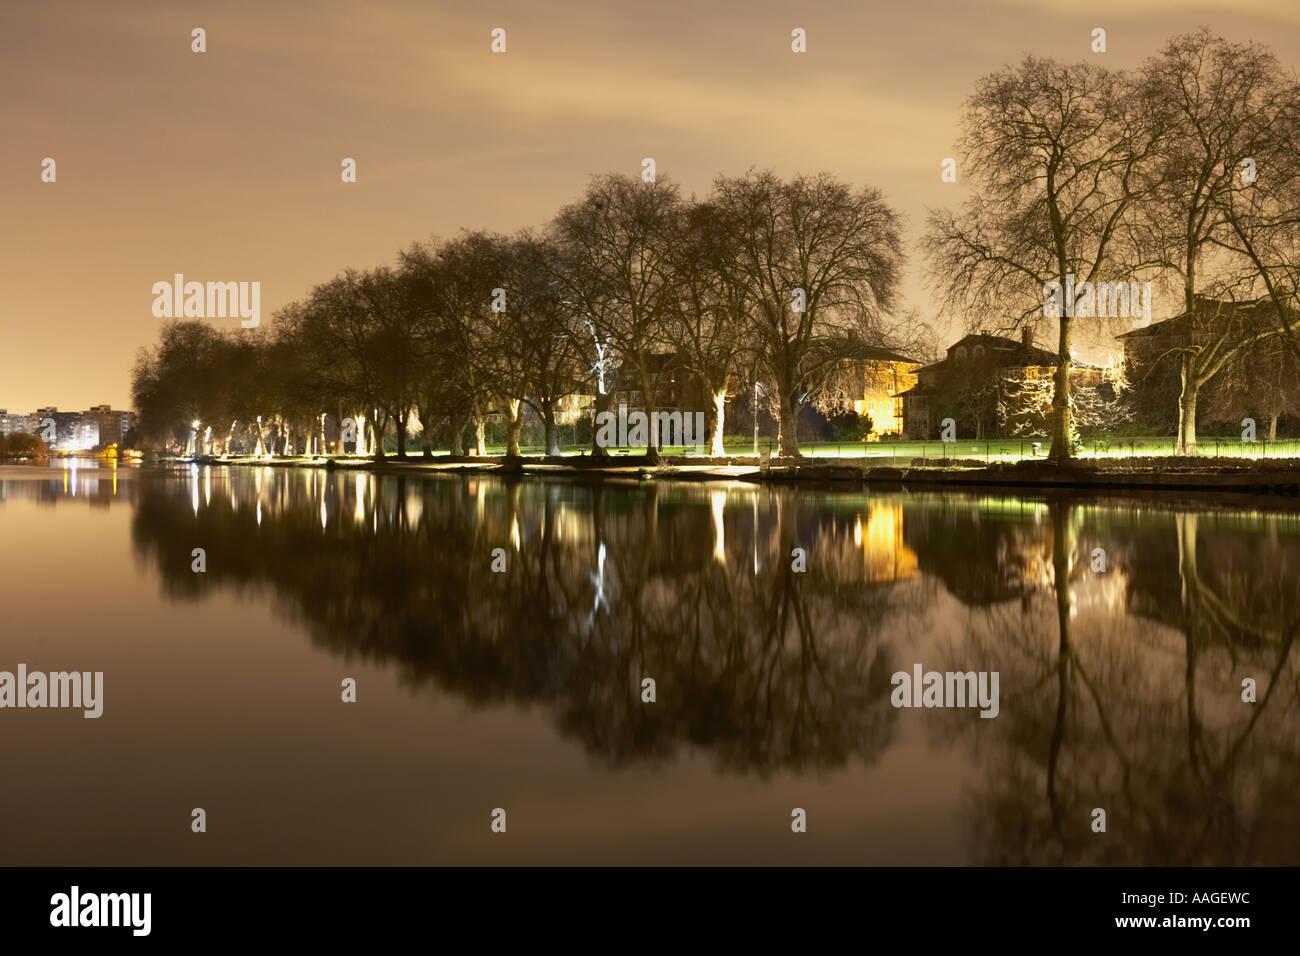 Canbury Gardens Kingston Upon Thames England Stock Photo: 7213851 ...